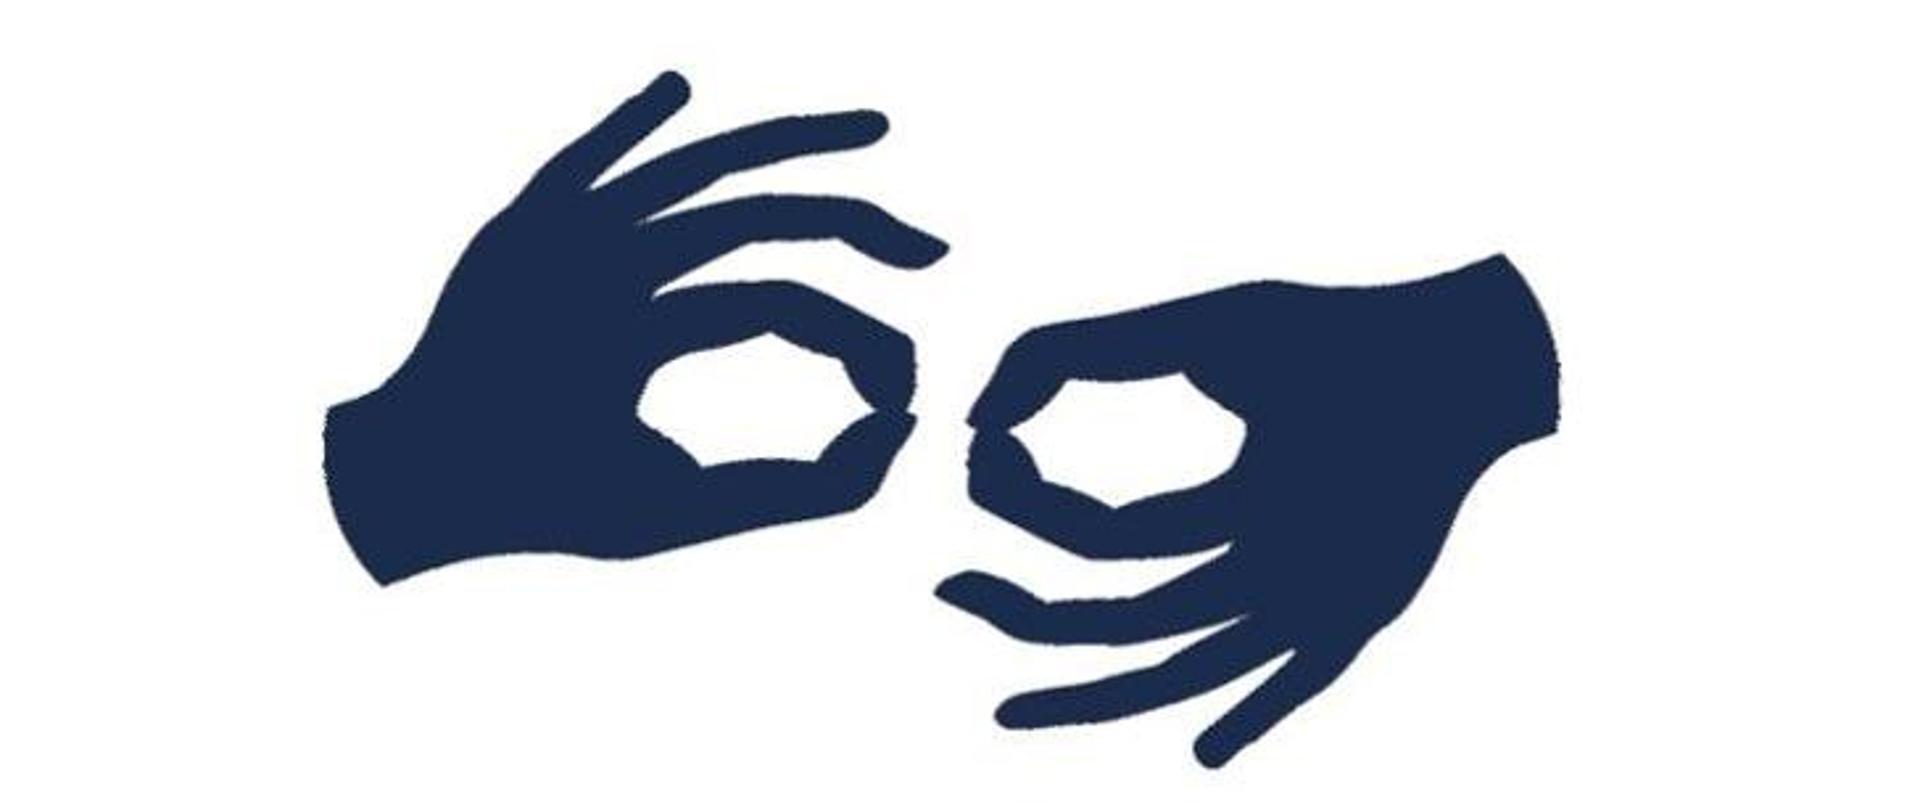 dwie dłonie w geście języka migowego